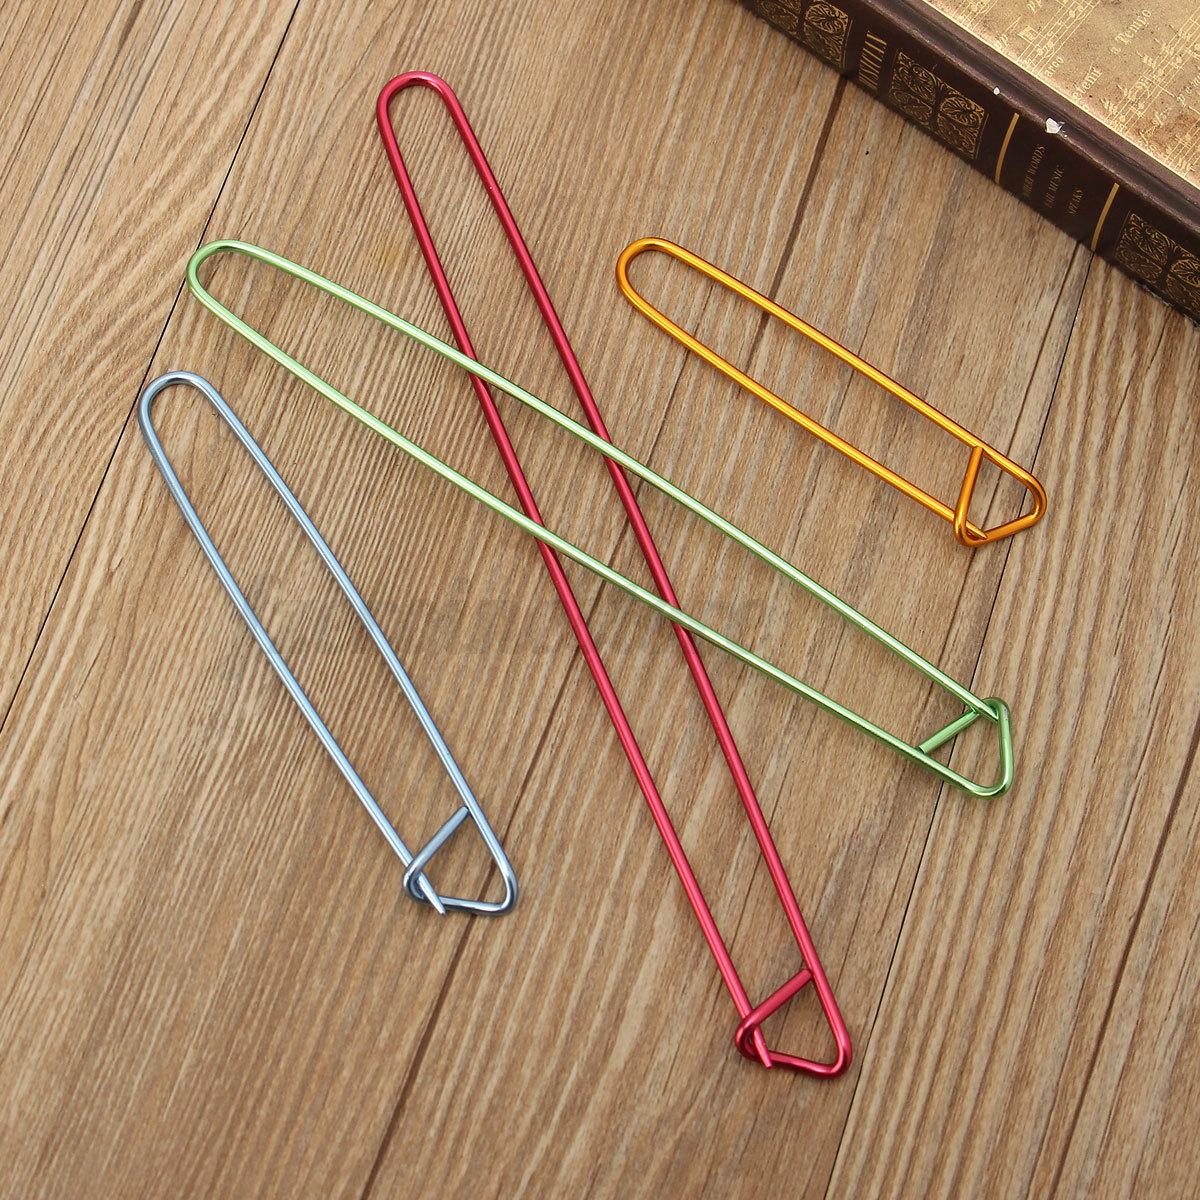 Knitting Needle Stitch Holder : 4 Pcs Aluminum Knit Knitting Needles Stitch Holders Safety Pins Crochet Hooks...